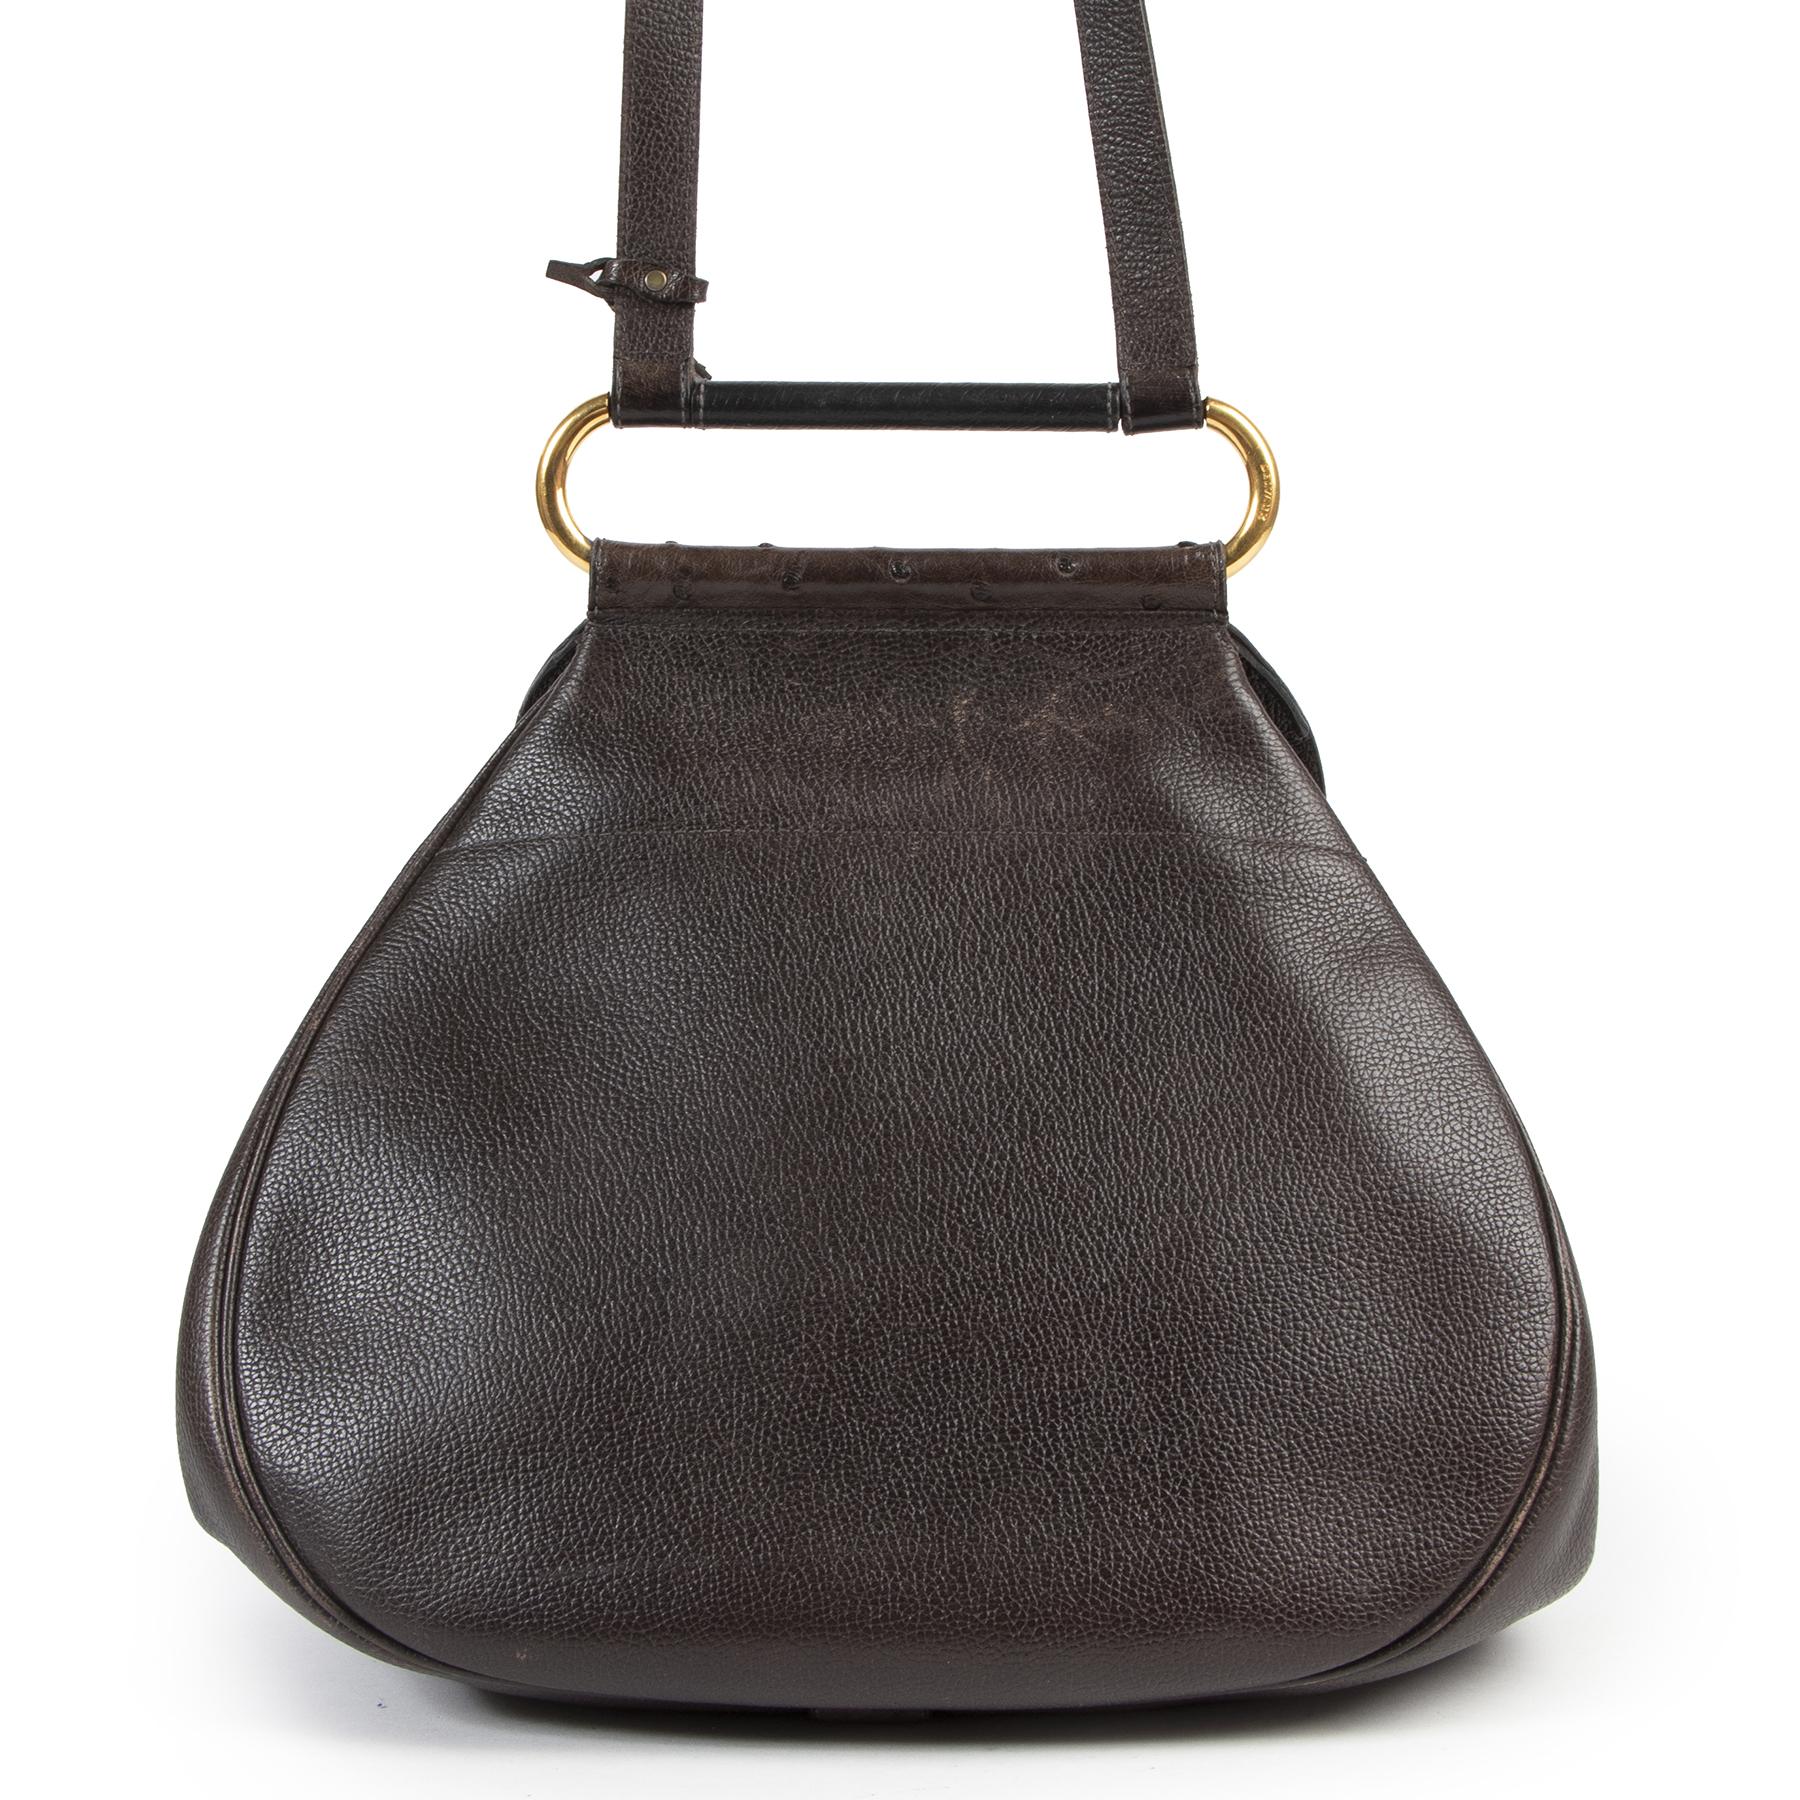 Delvaux Brown Ostrich Leather Cerceau Bag aan de beste prijs bij Labellov tweedehands luxe